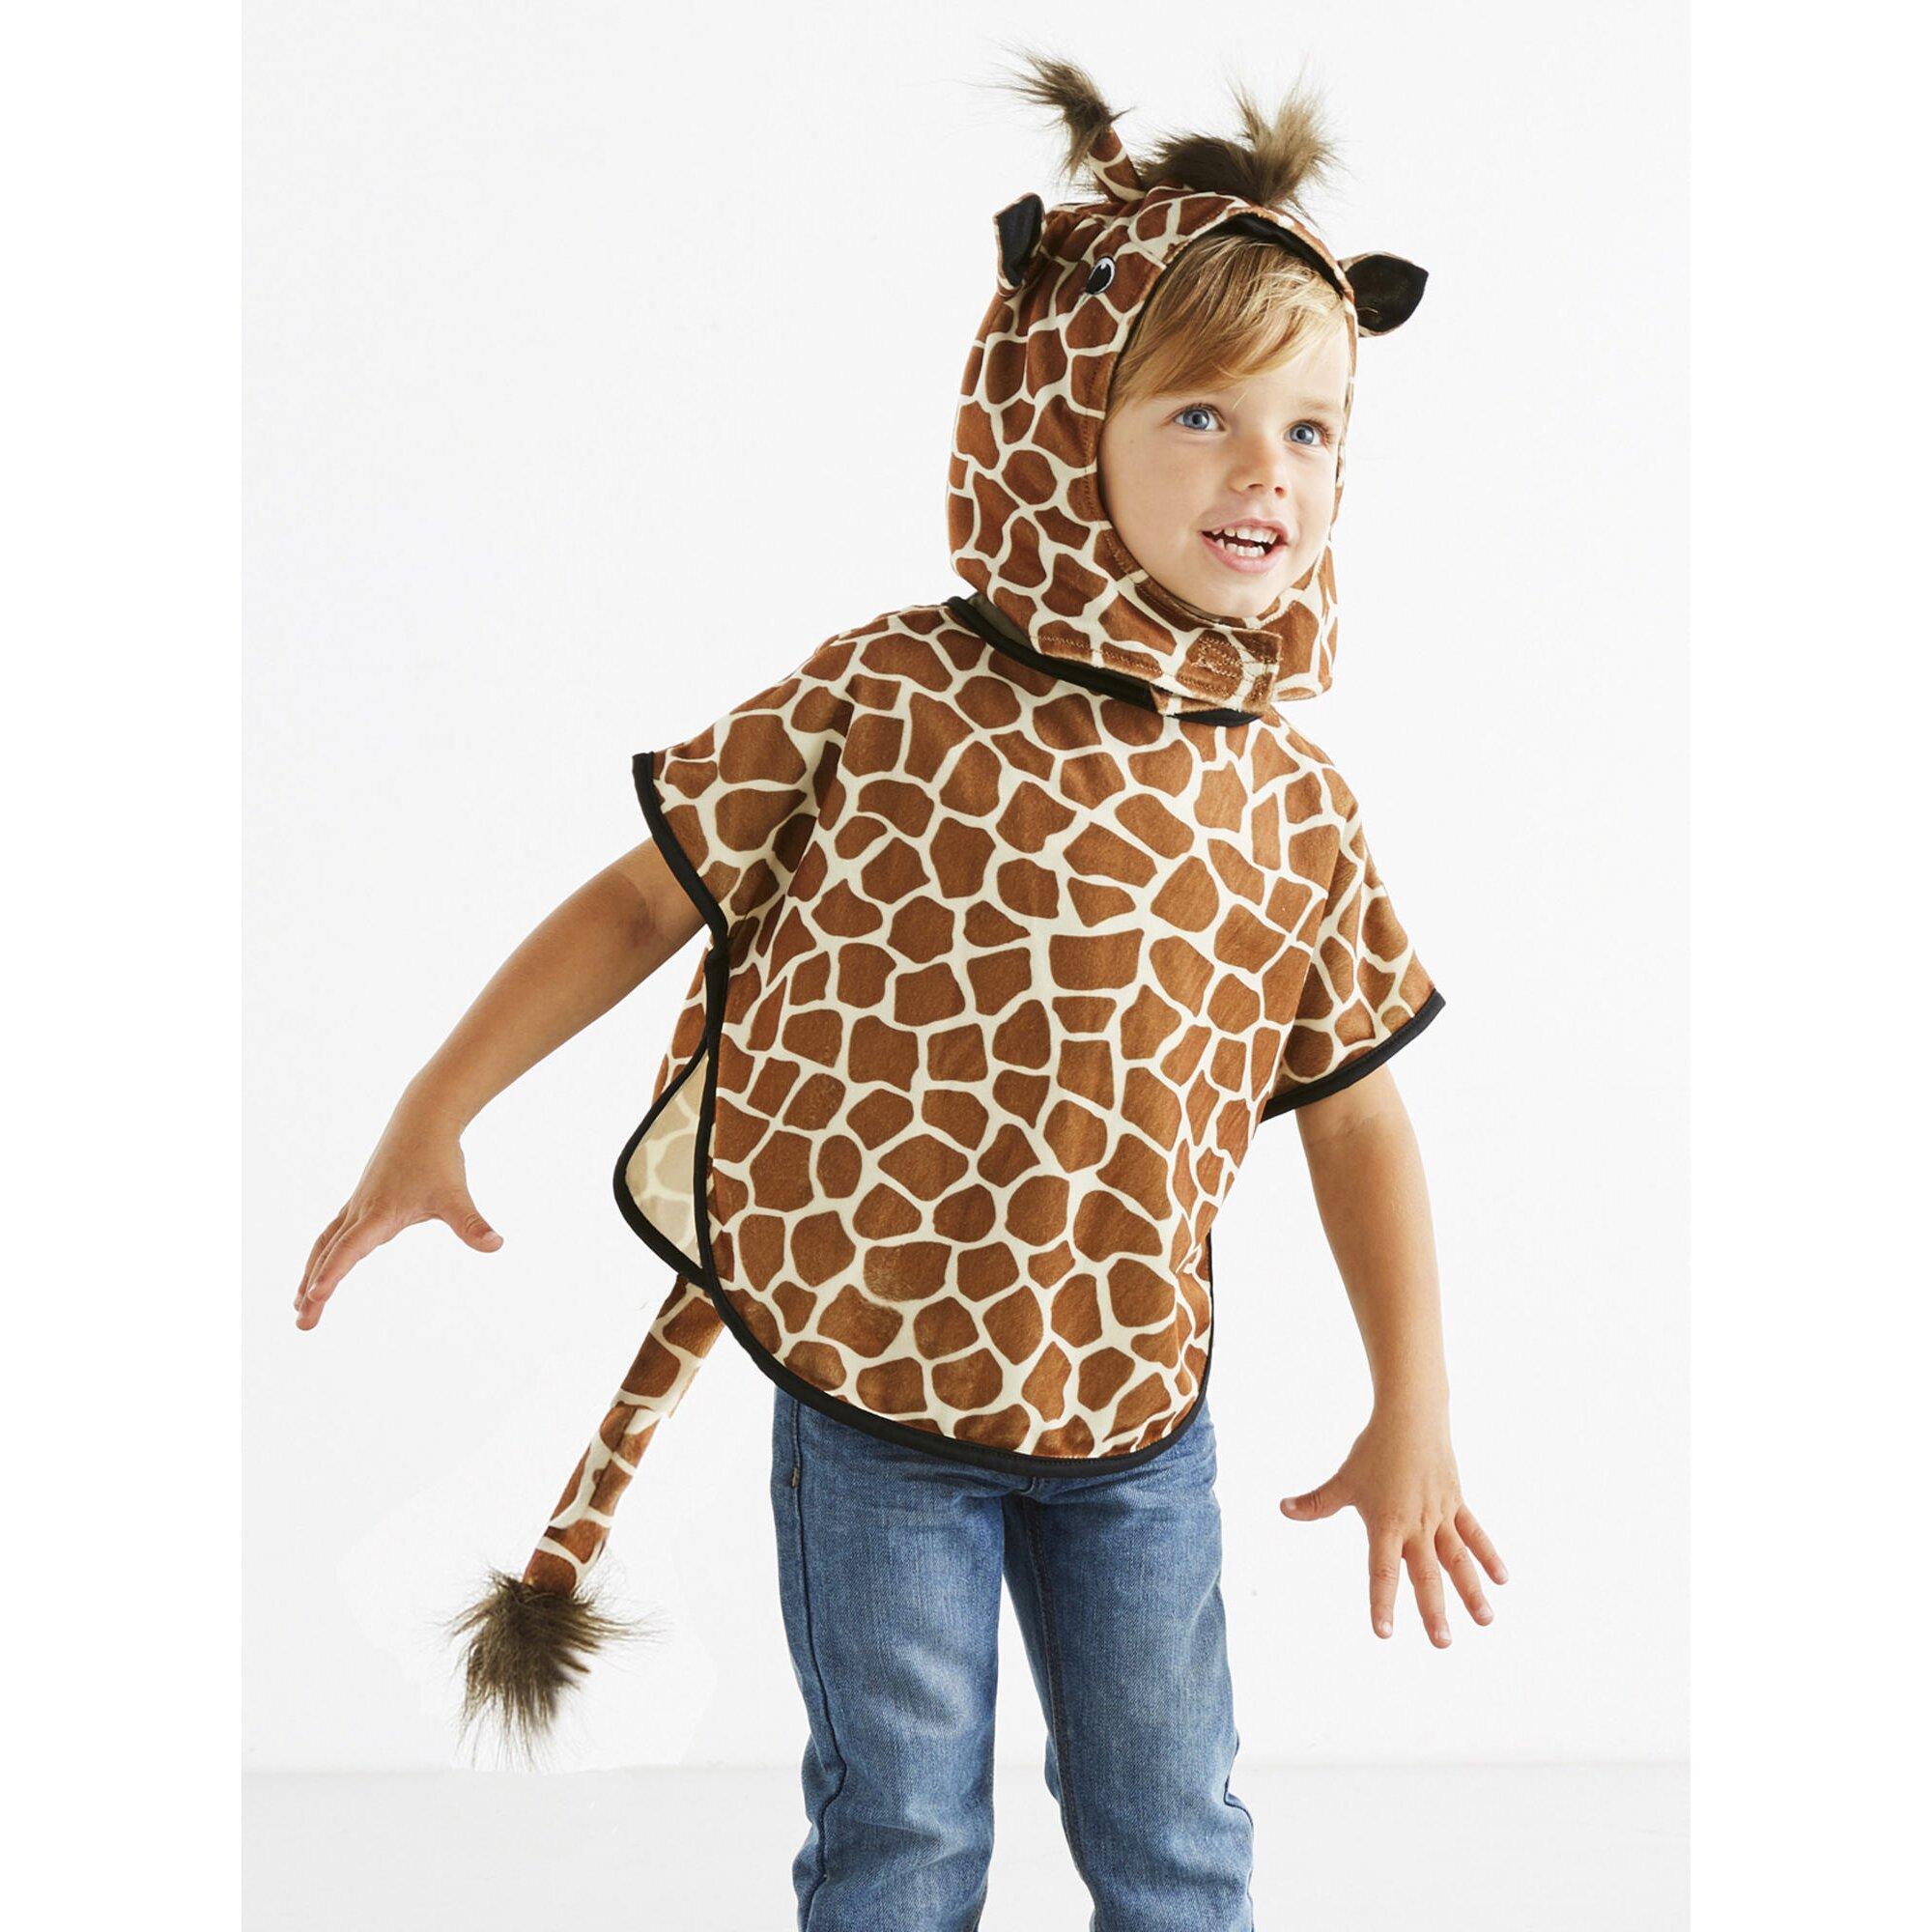 vertbaudet-giraffenkostum-fur-kinder